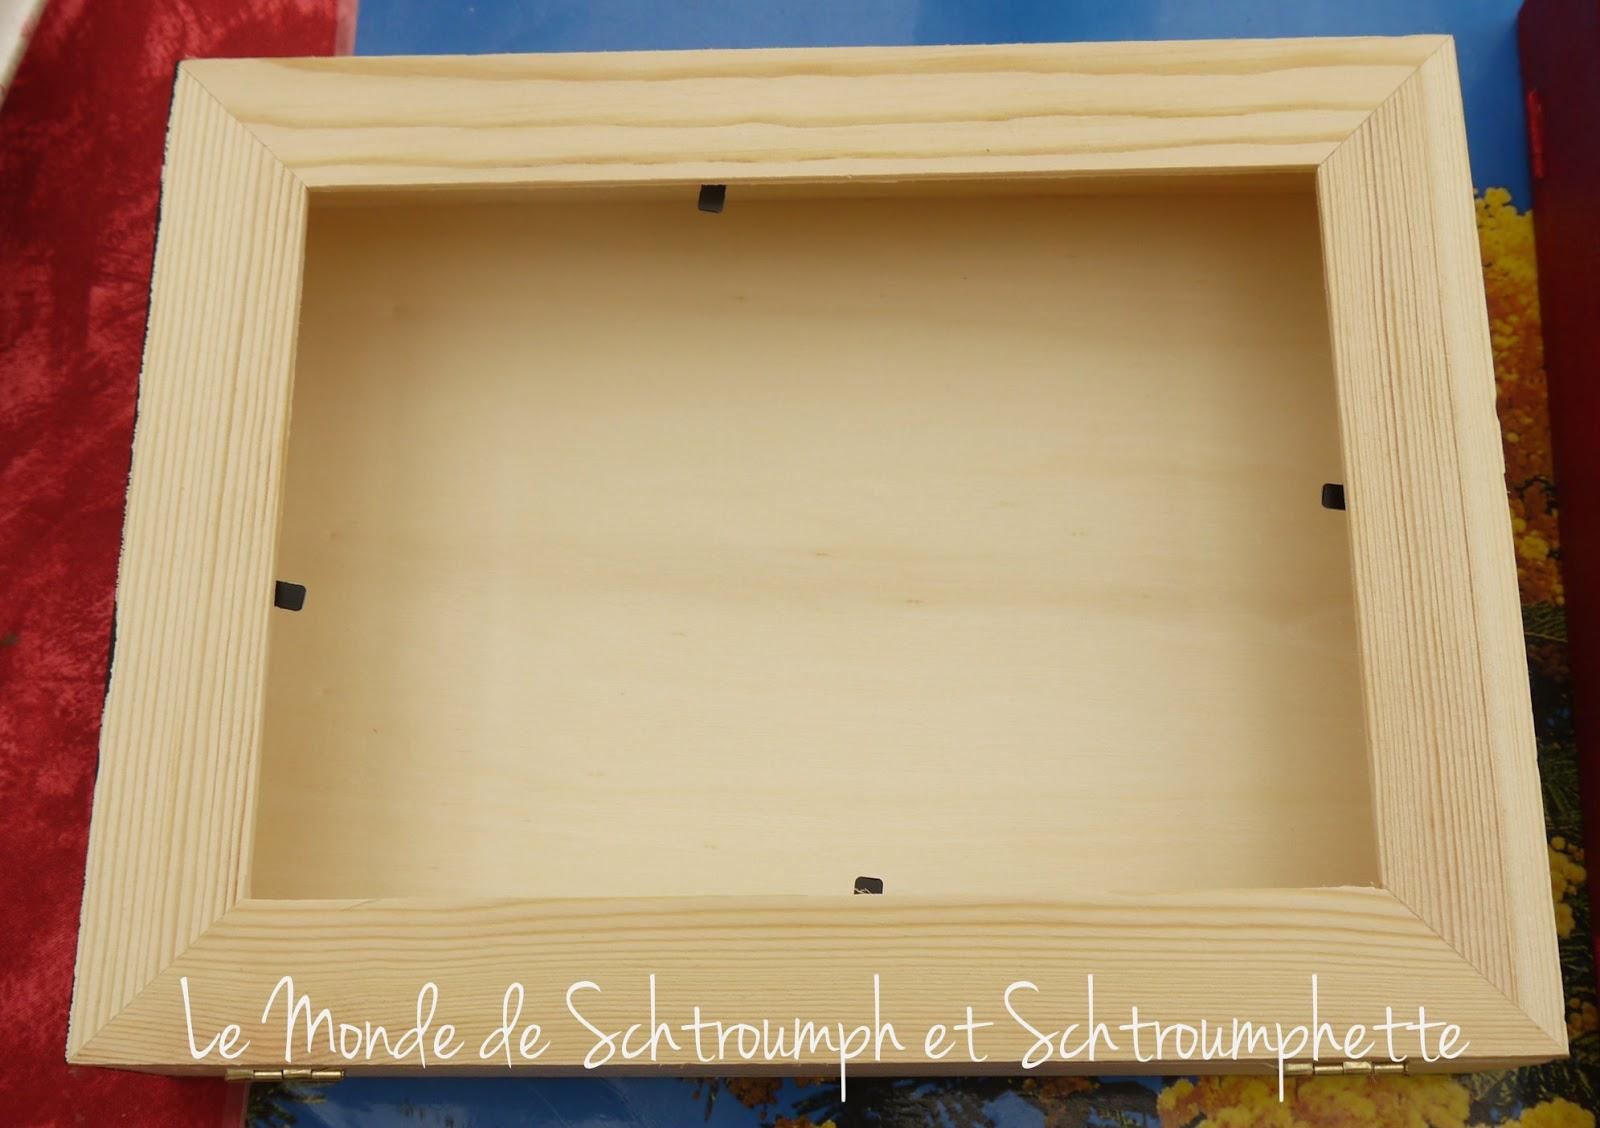 le monde de schtroumph et schtroumphette g ter la. Black Bedroom Furniture Sets. Home Design Ideas